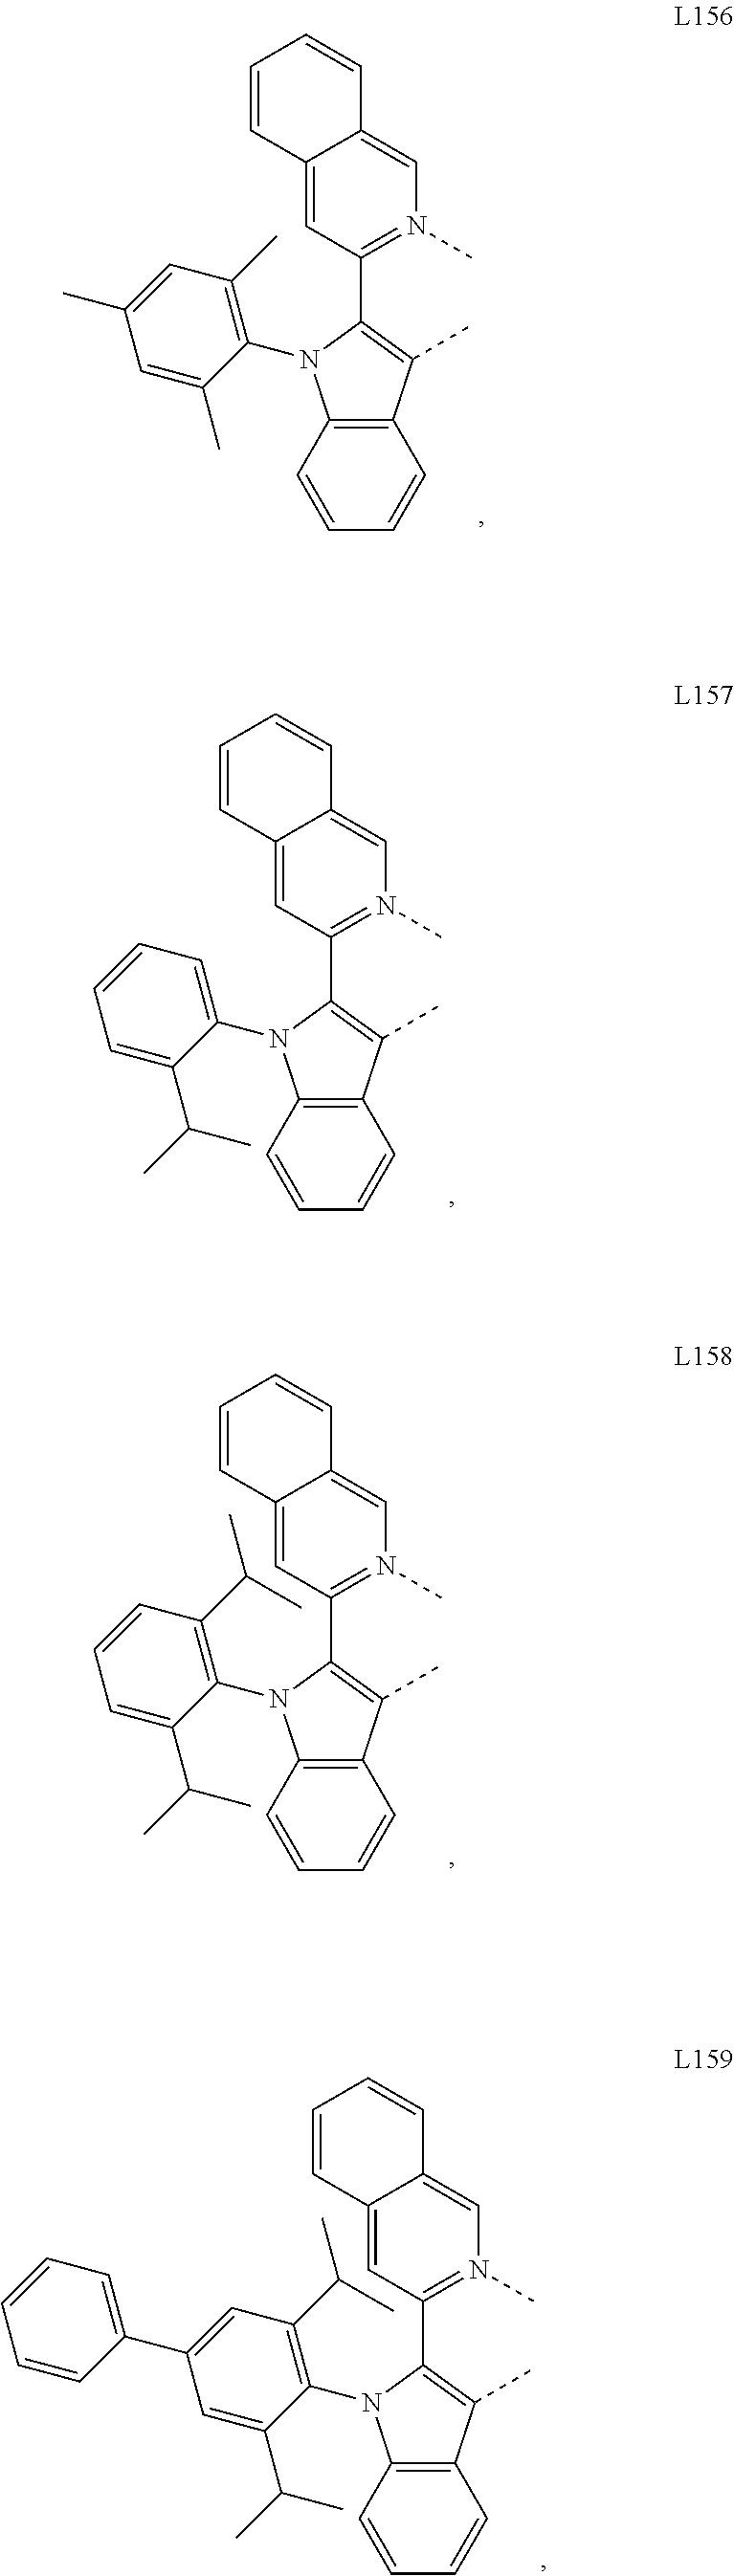 Figure US09935277-20180403-C00036